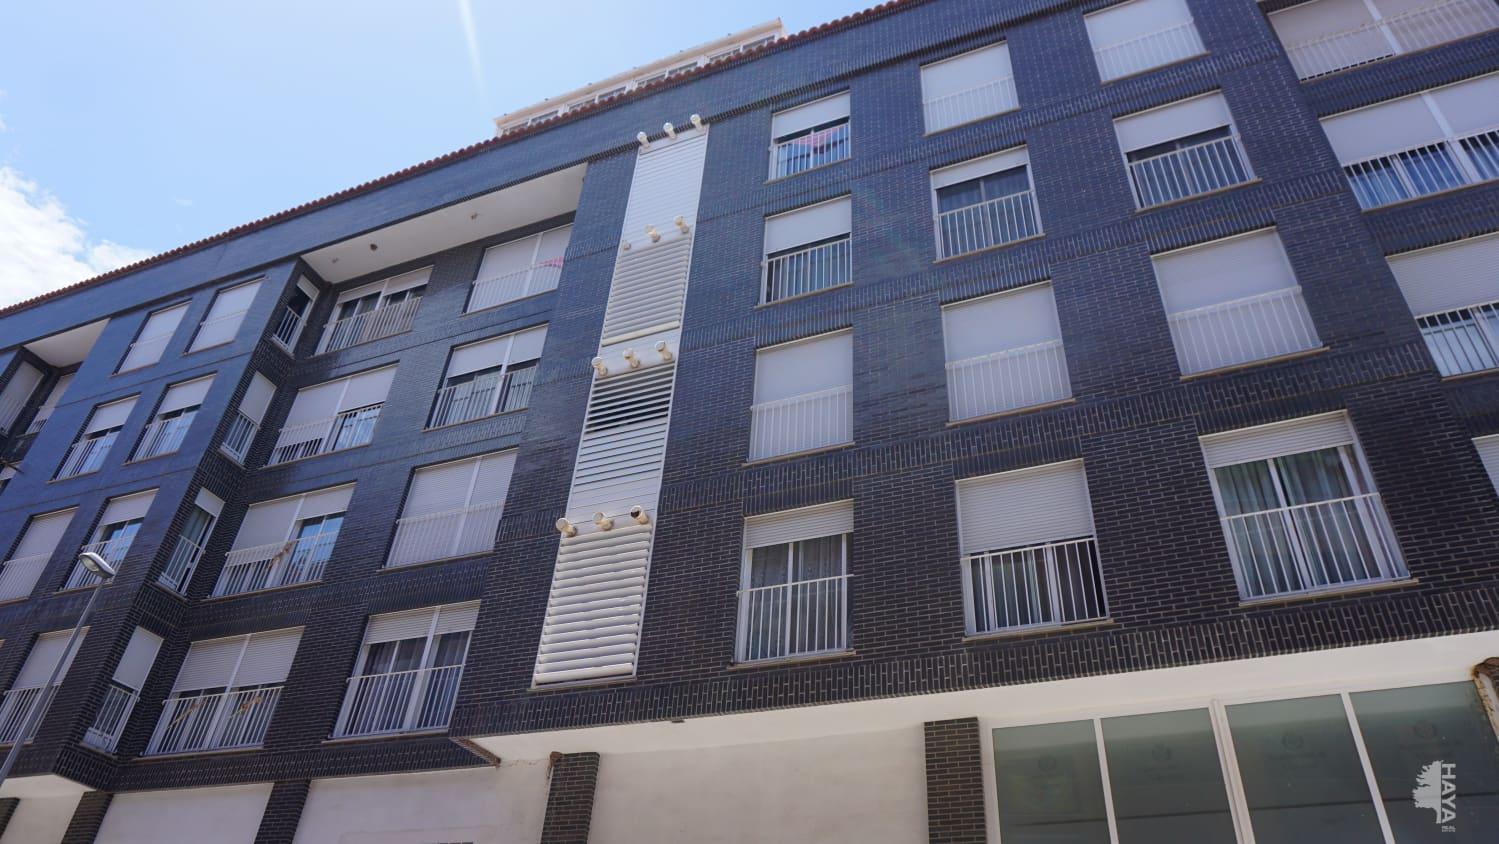 Piso en venta en Virgen de Gracia, Vila-real, Castellón, Camino Valencia/ Ponent Baix, 180.000 €, 4 habitaciones, 2 baños, 174 m2